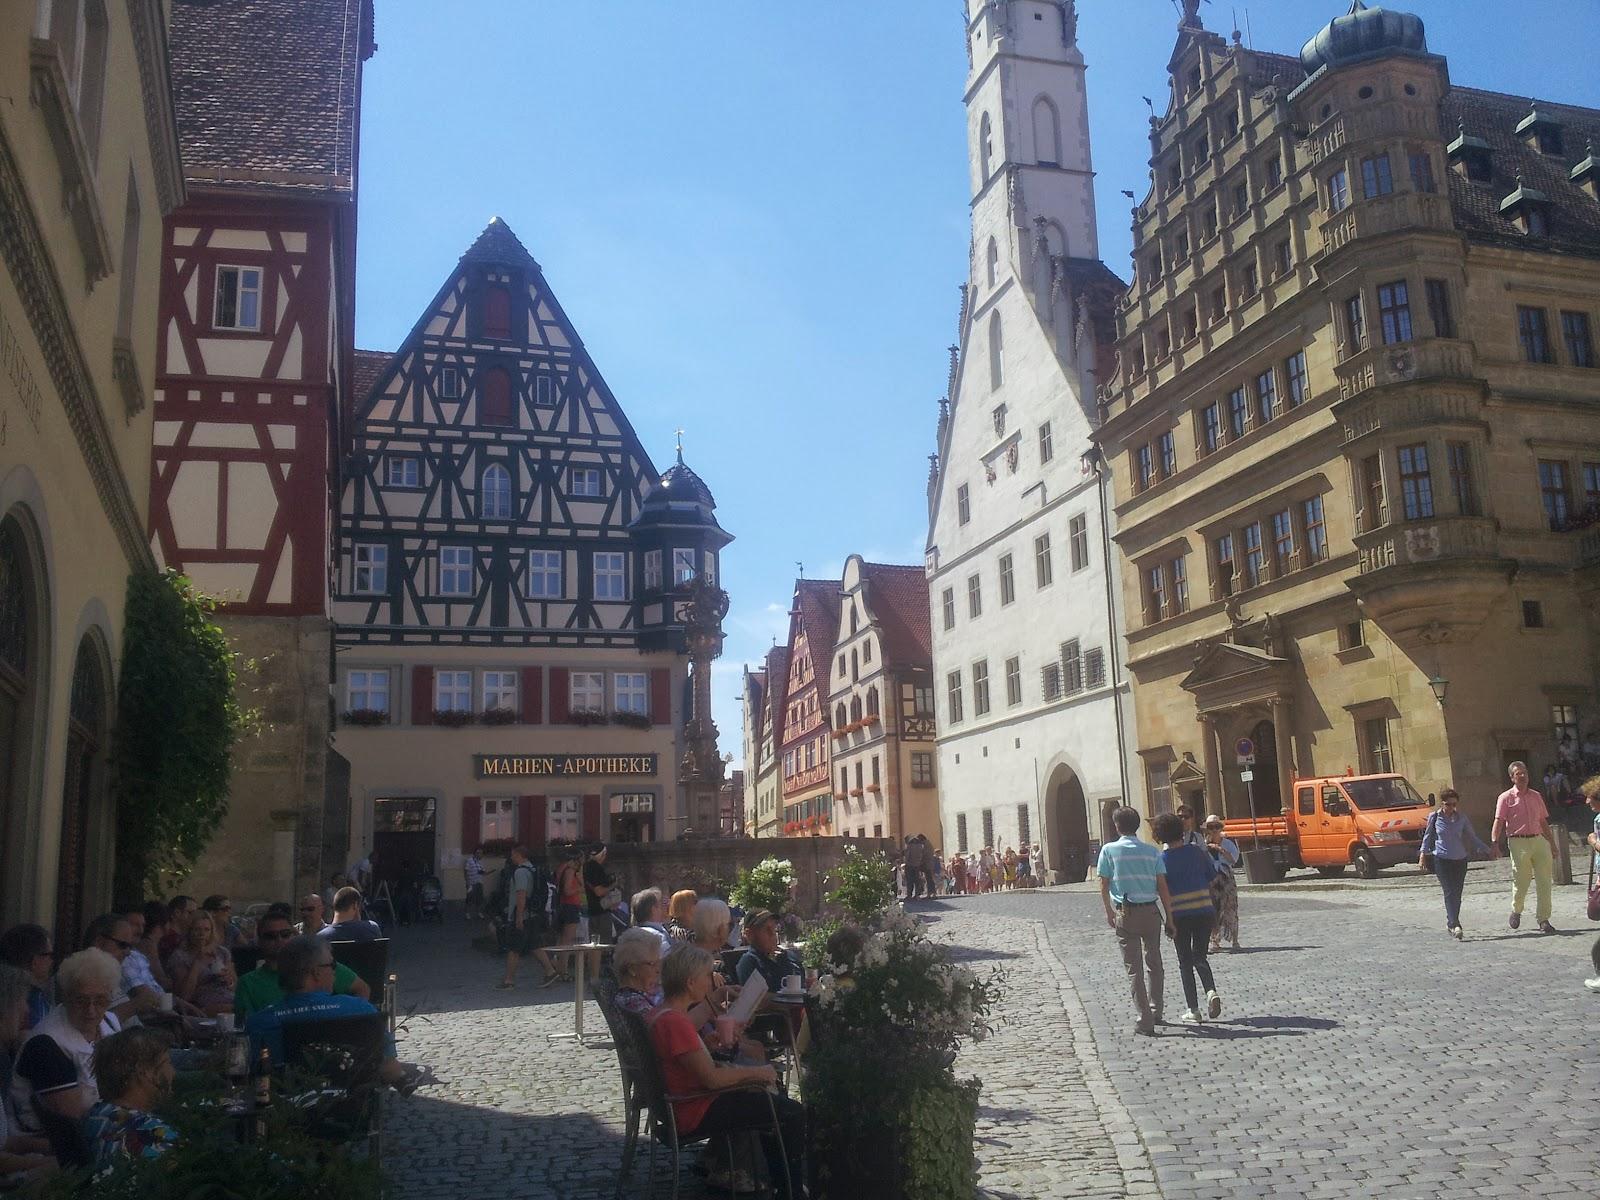 angekommen in ochsenfurt hatte ich gleich beim ersten versuch glck bin mitten in der altstadt im hotel zum schmied 3850untergekommen - Ochsenfurt Hotel